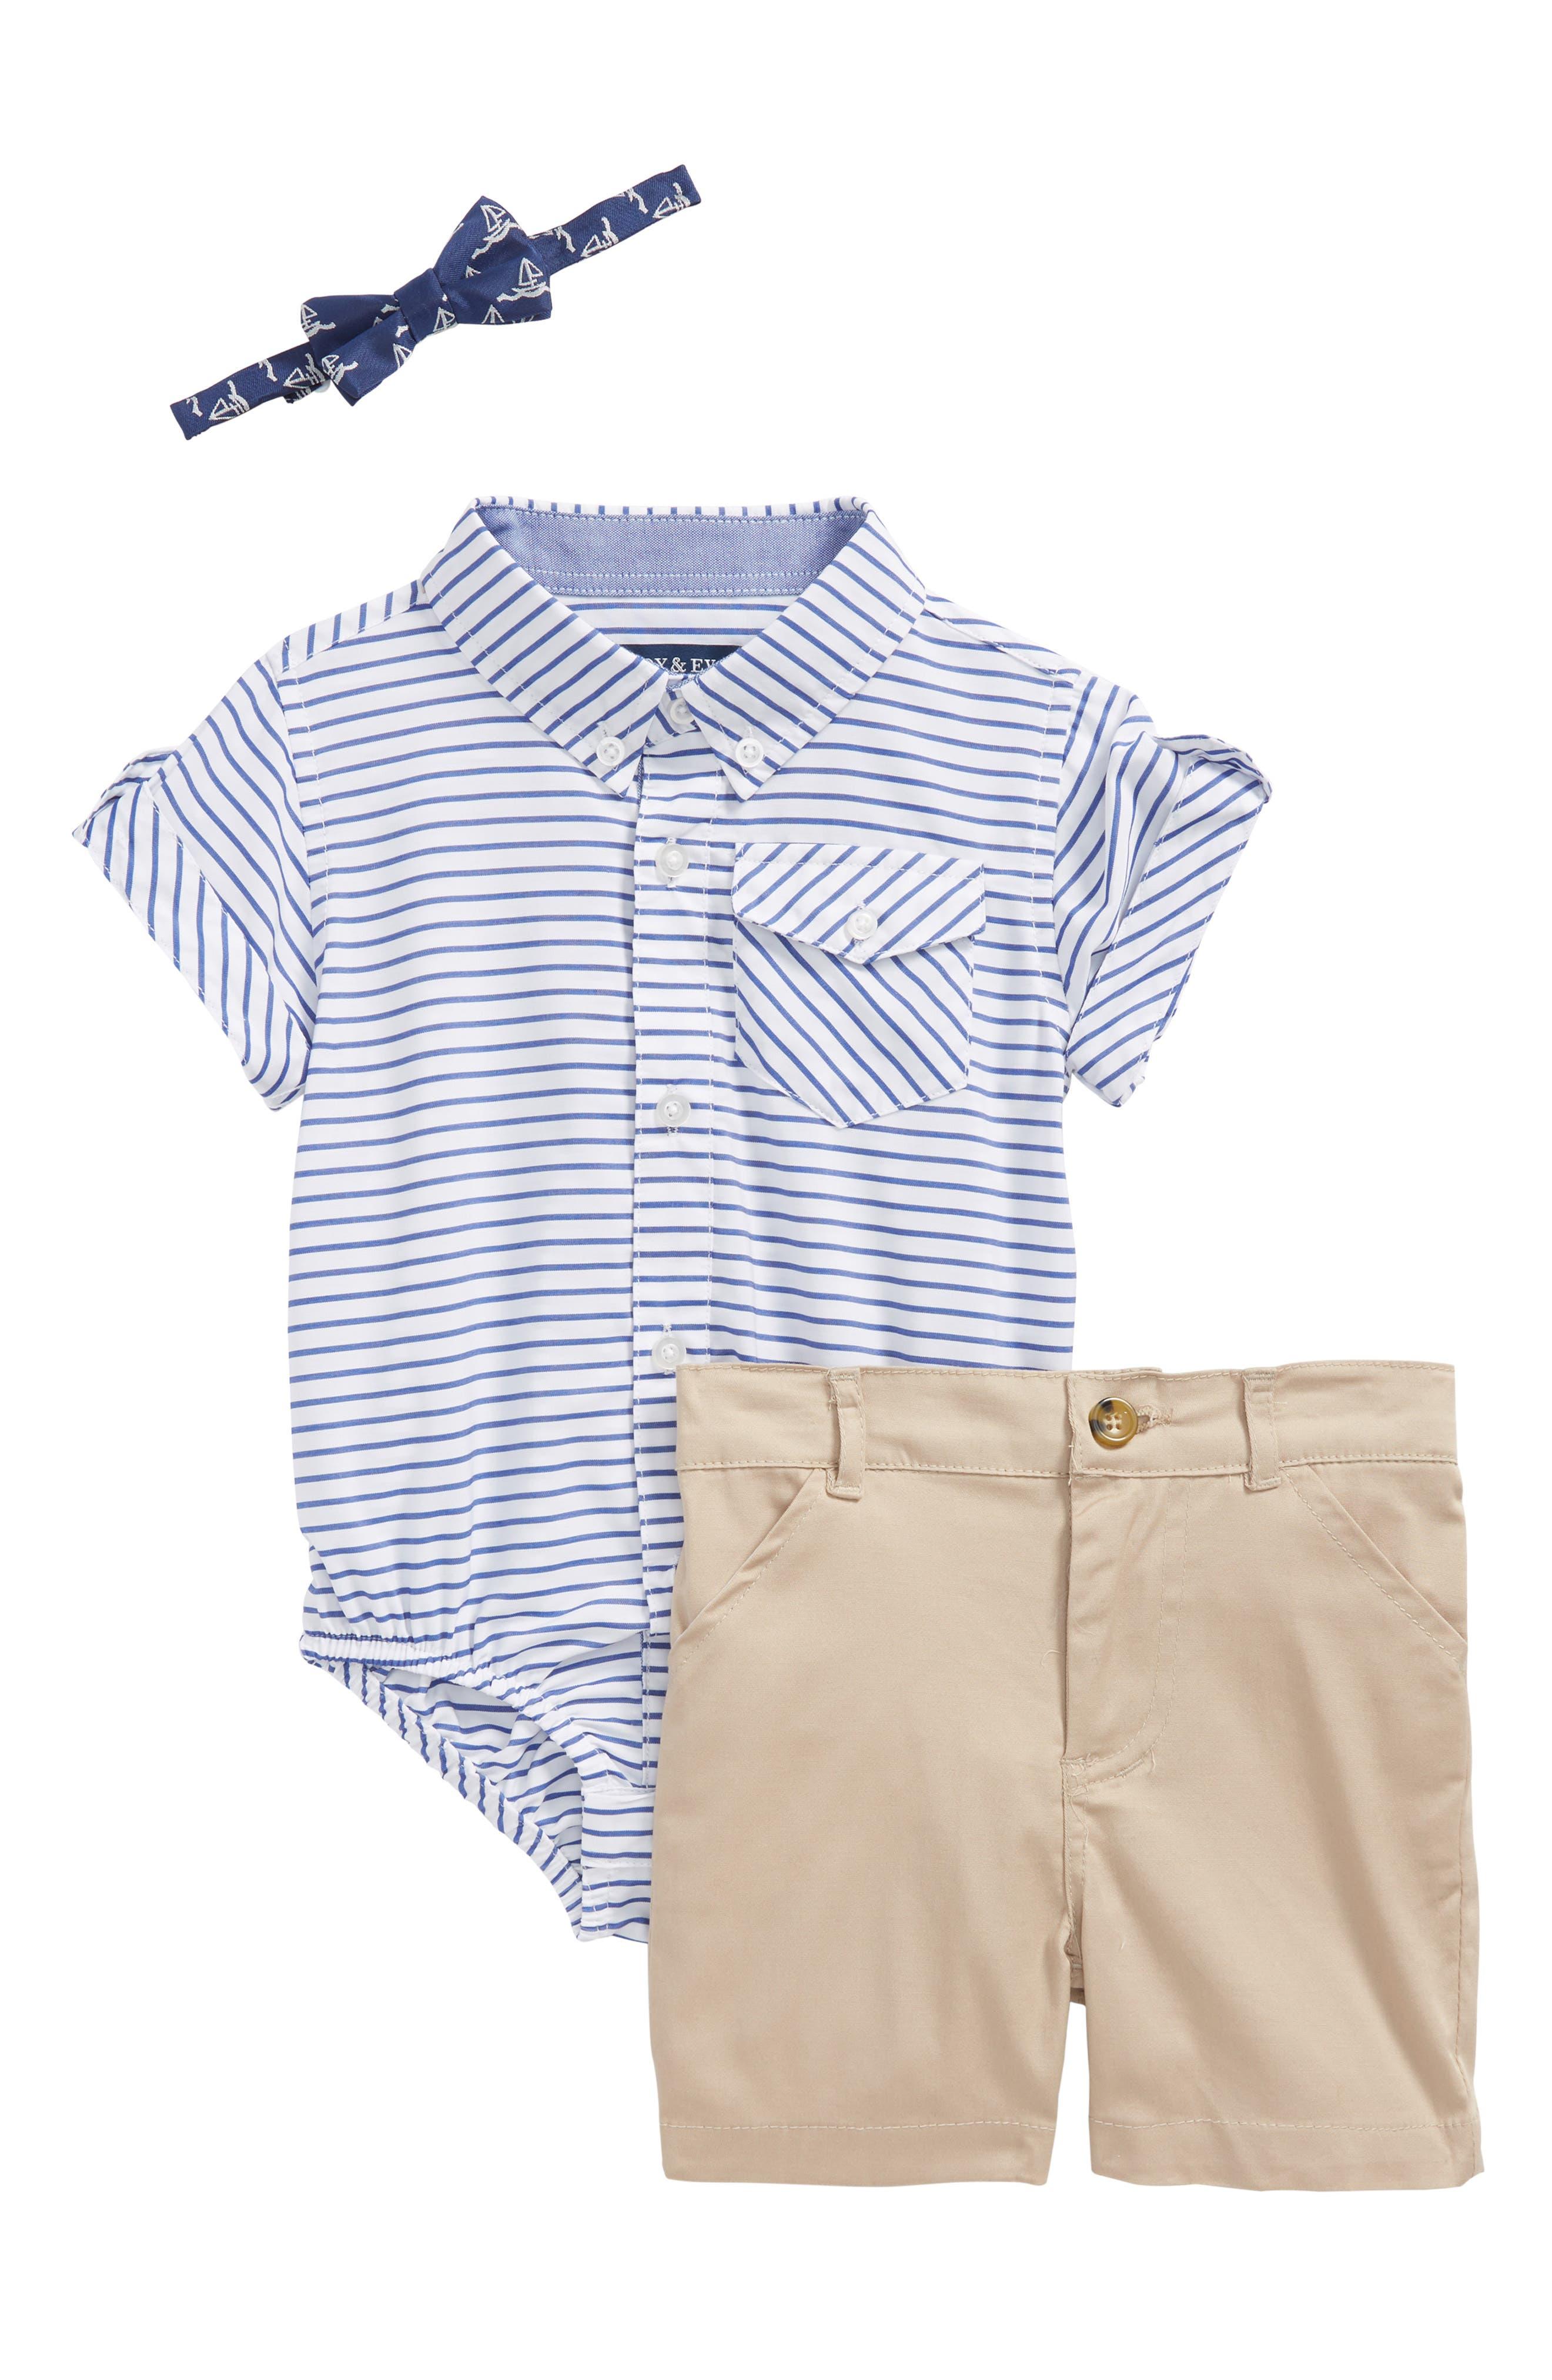 ANDY & EVAN Shirtzie, Bow Tie & Shorts Set, Main, color, BLUE